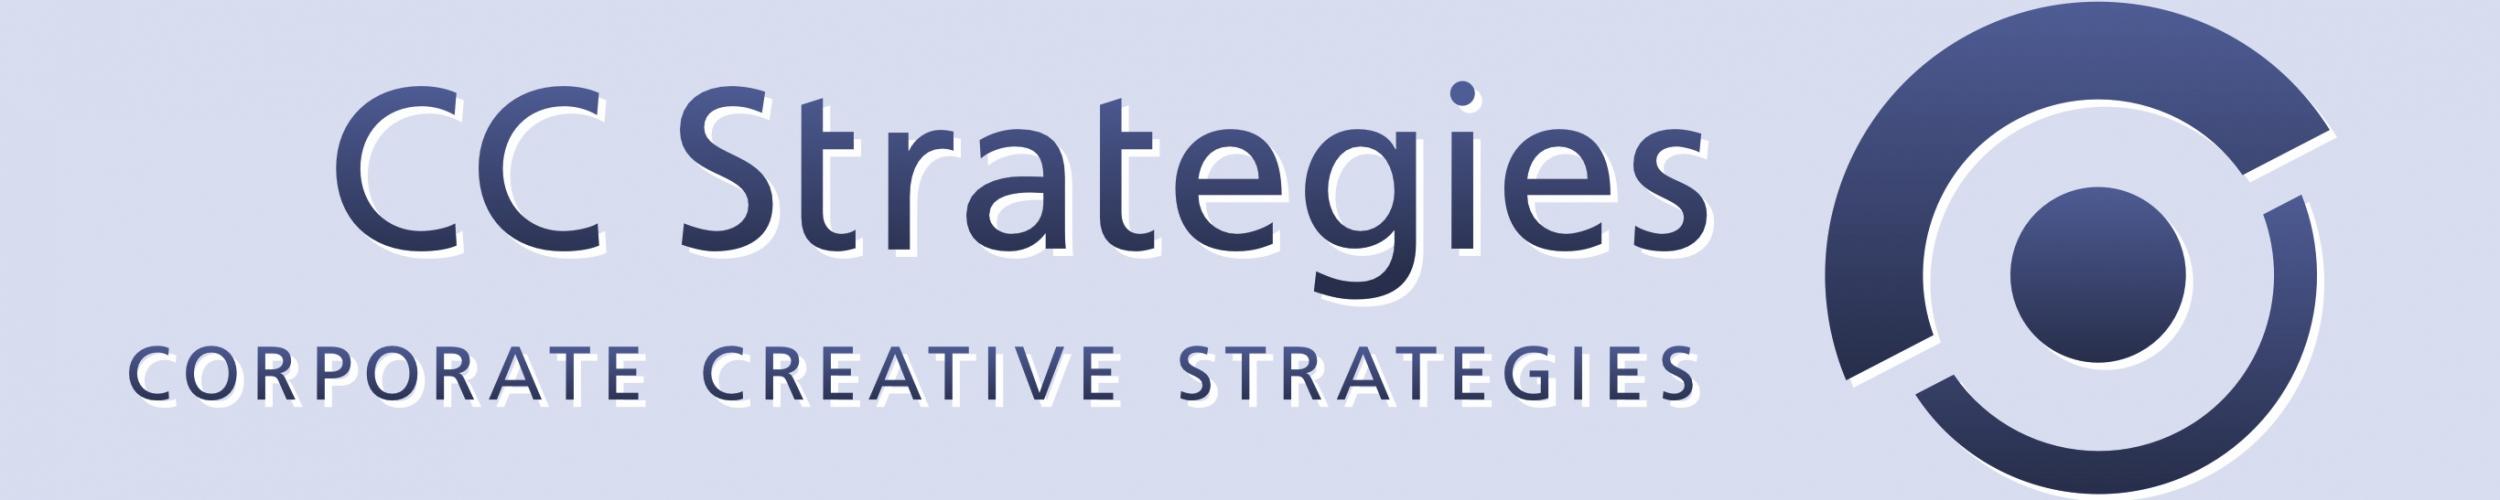 CC Strategies voegt zich toe als Sponsor van PTA